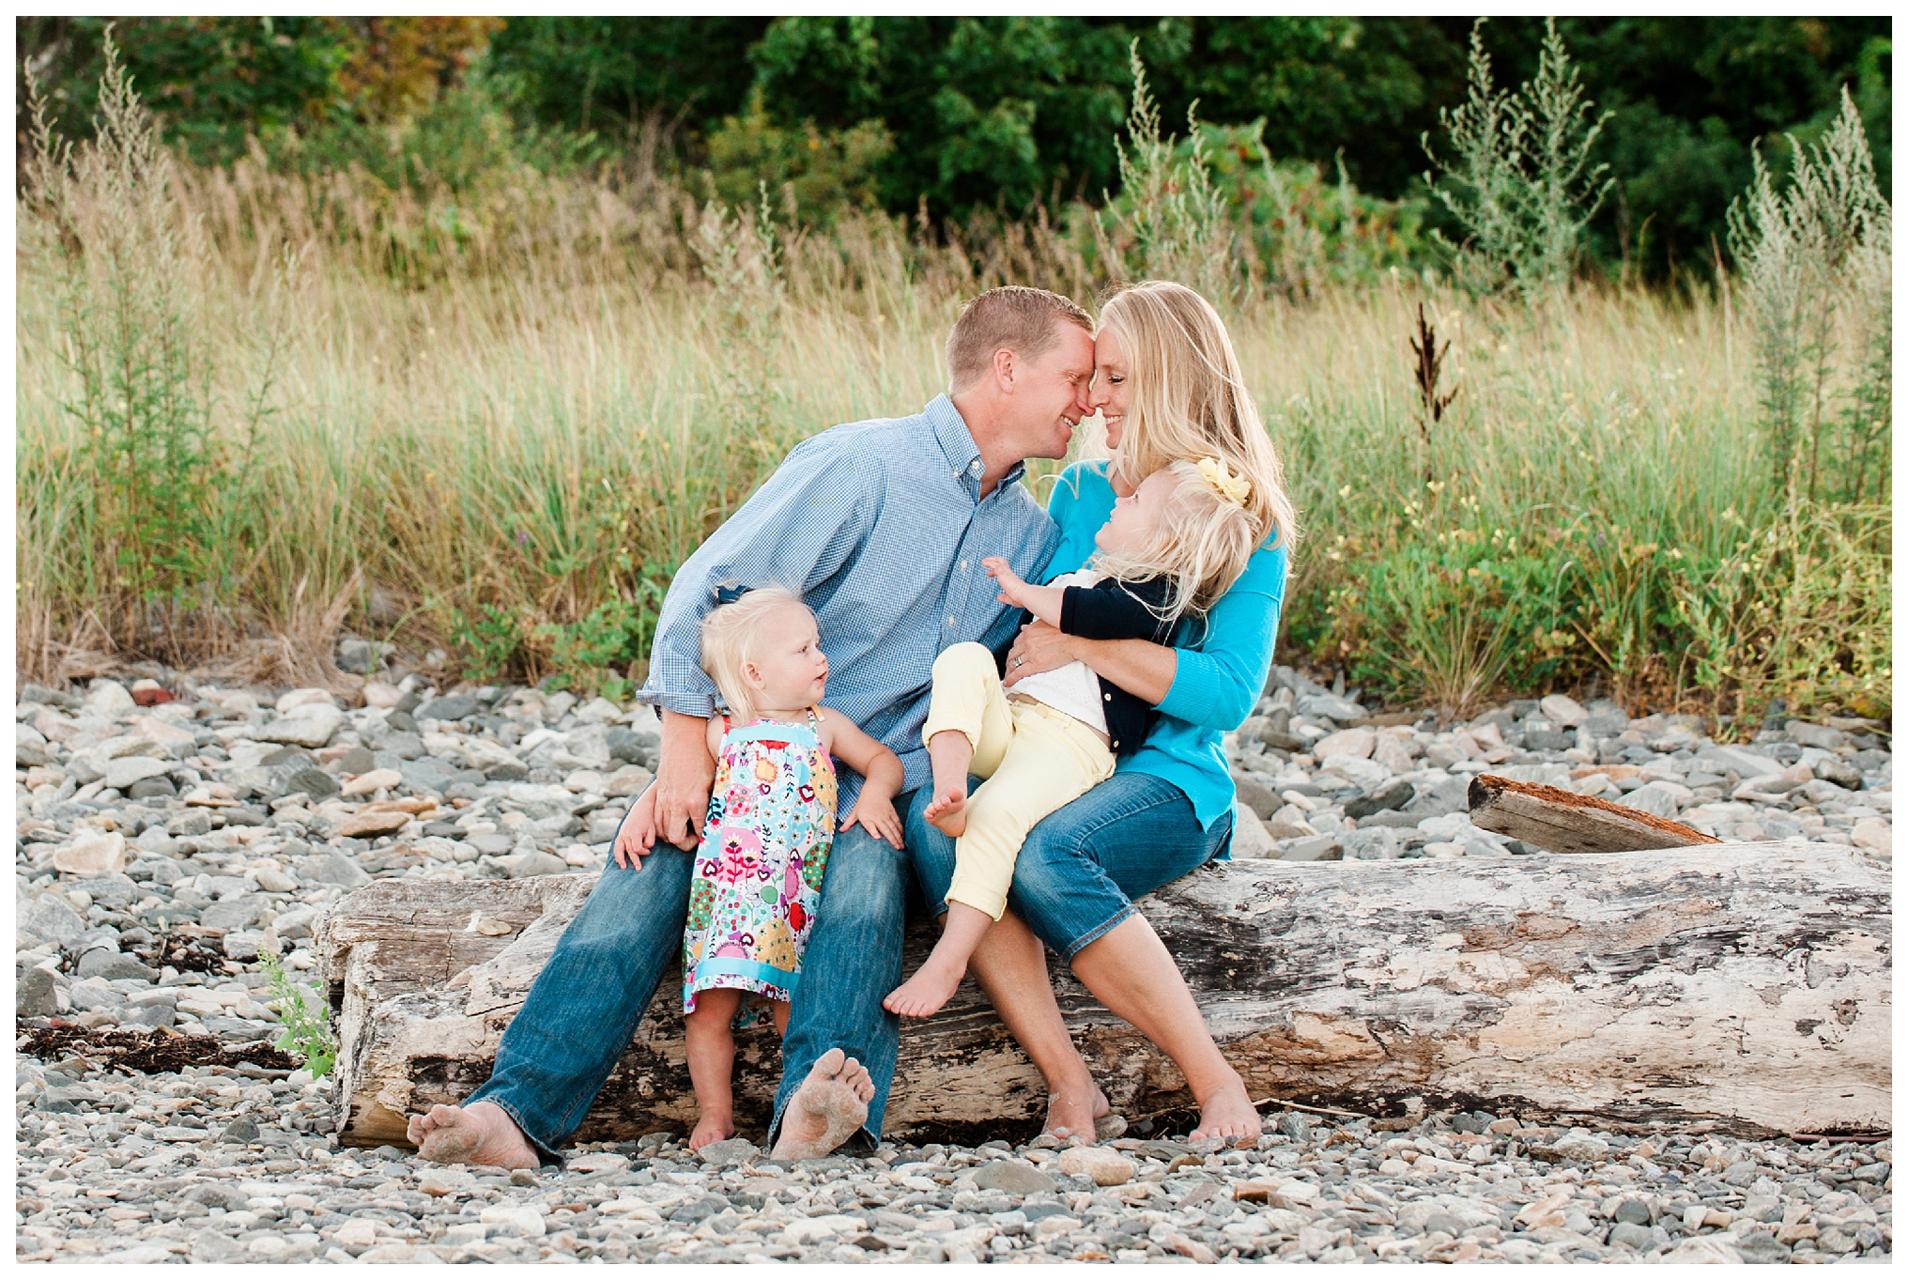 Family-Photographer-Sweet-Light-Portraits07.jpg